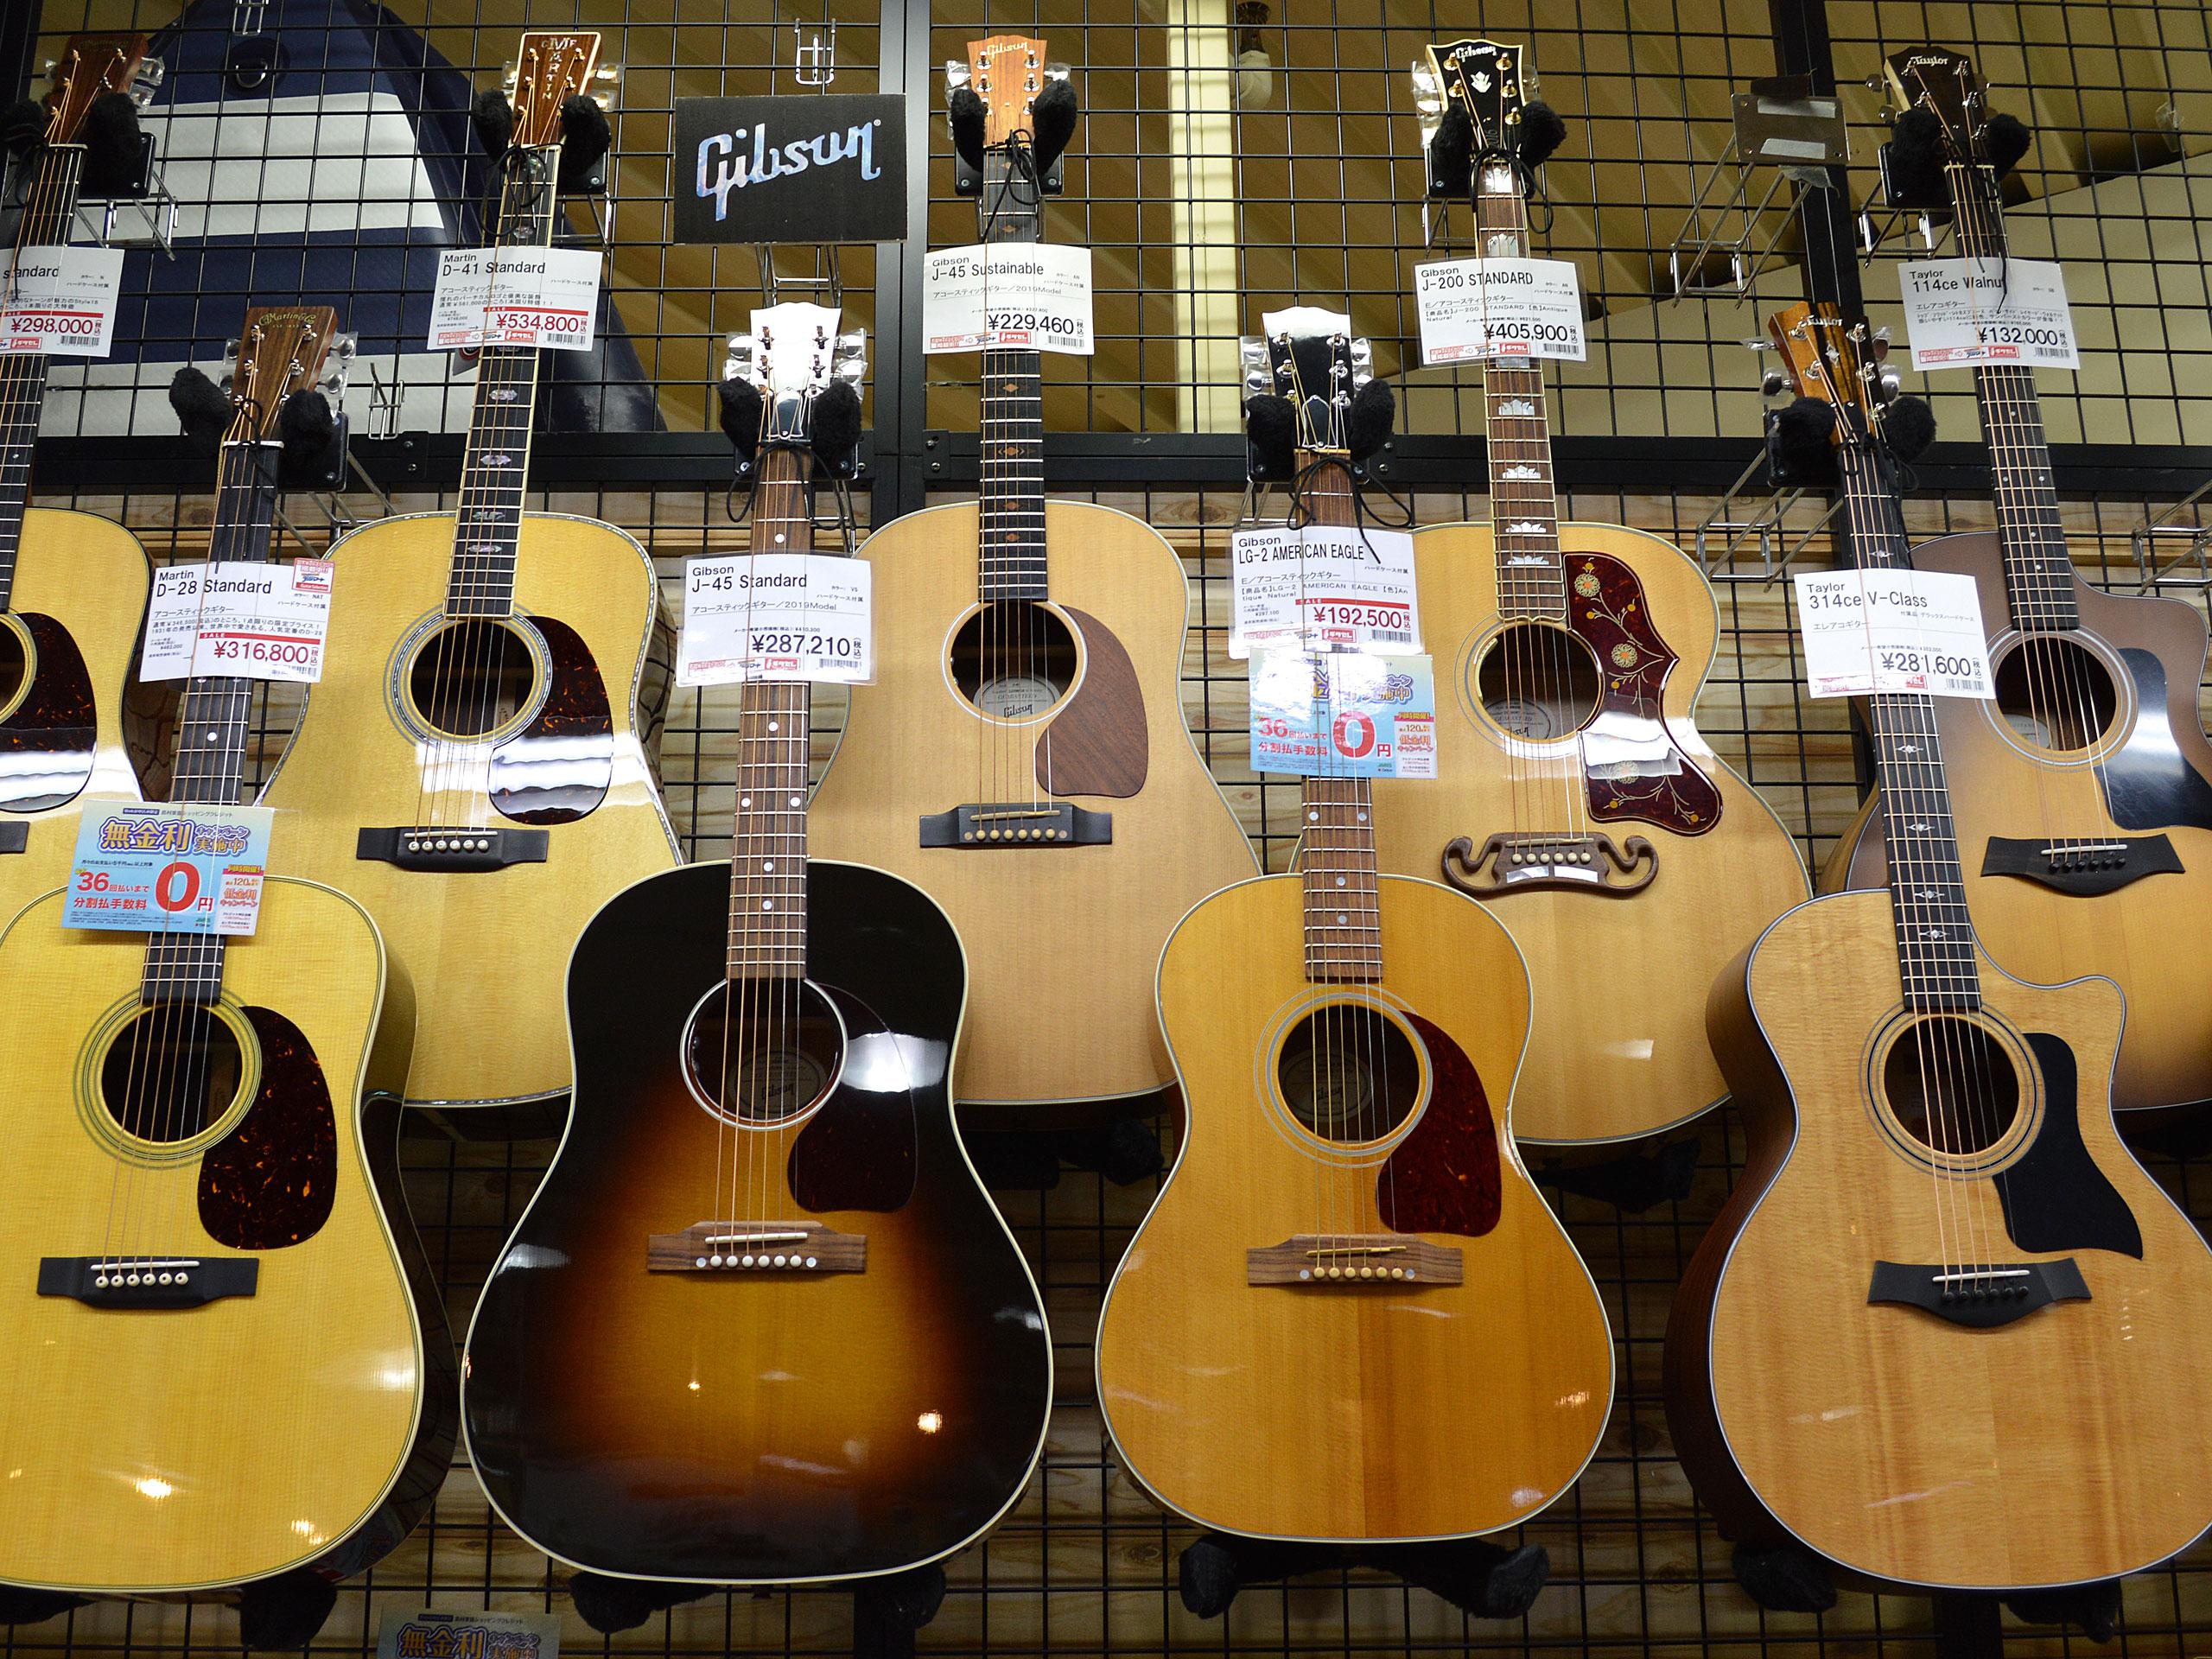 Gibsonアコースティックギター店頭画像